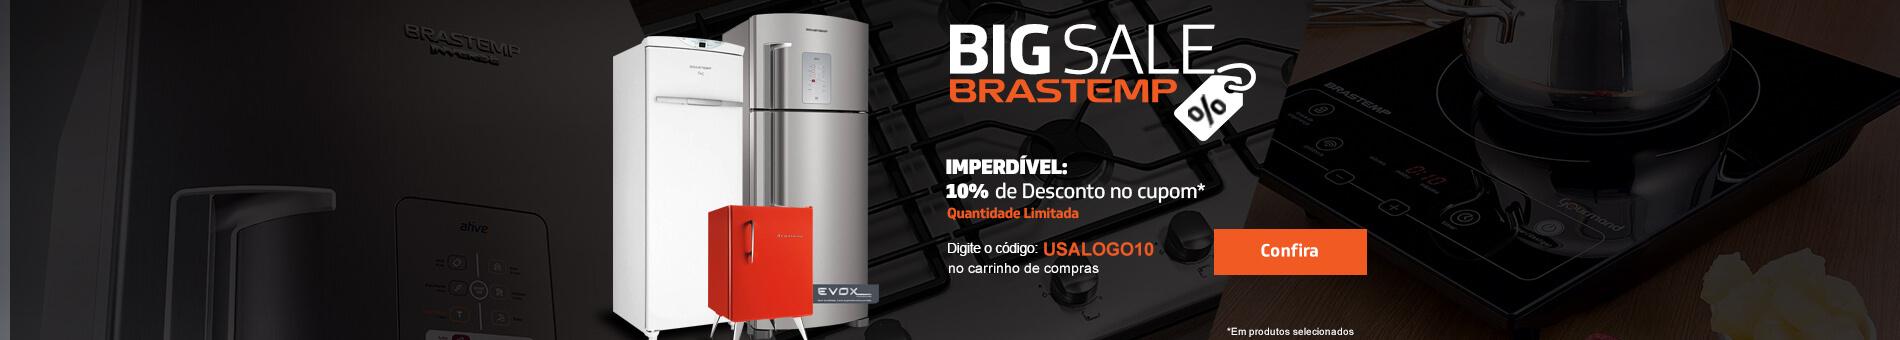 Promoção Interna - 1000 - bigsale_melhoresofertas_home1_19102016 - melhoresofertas - 1